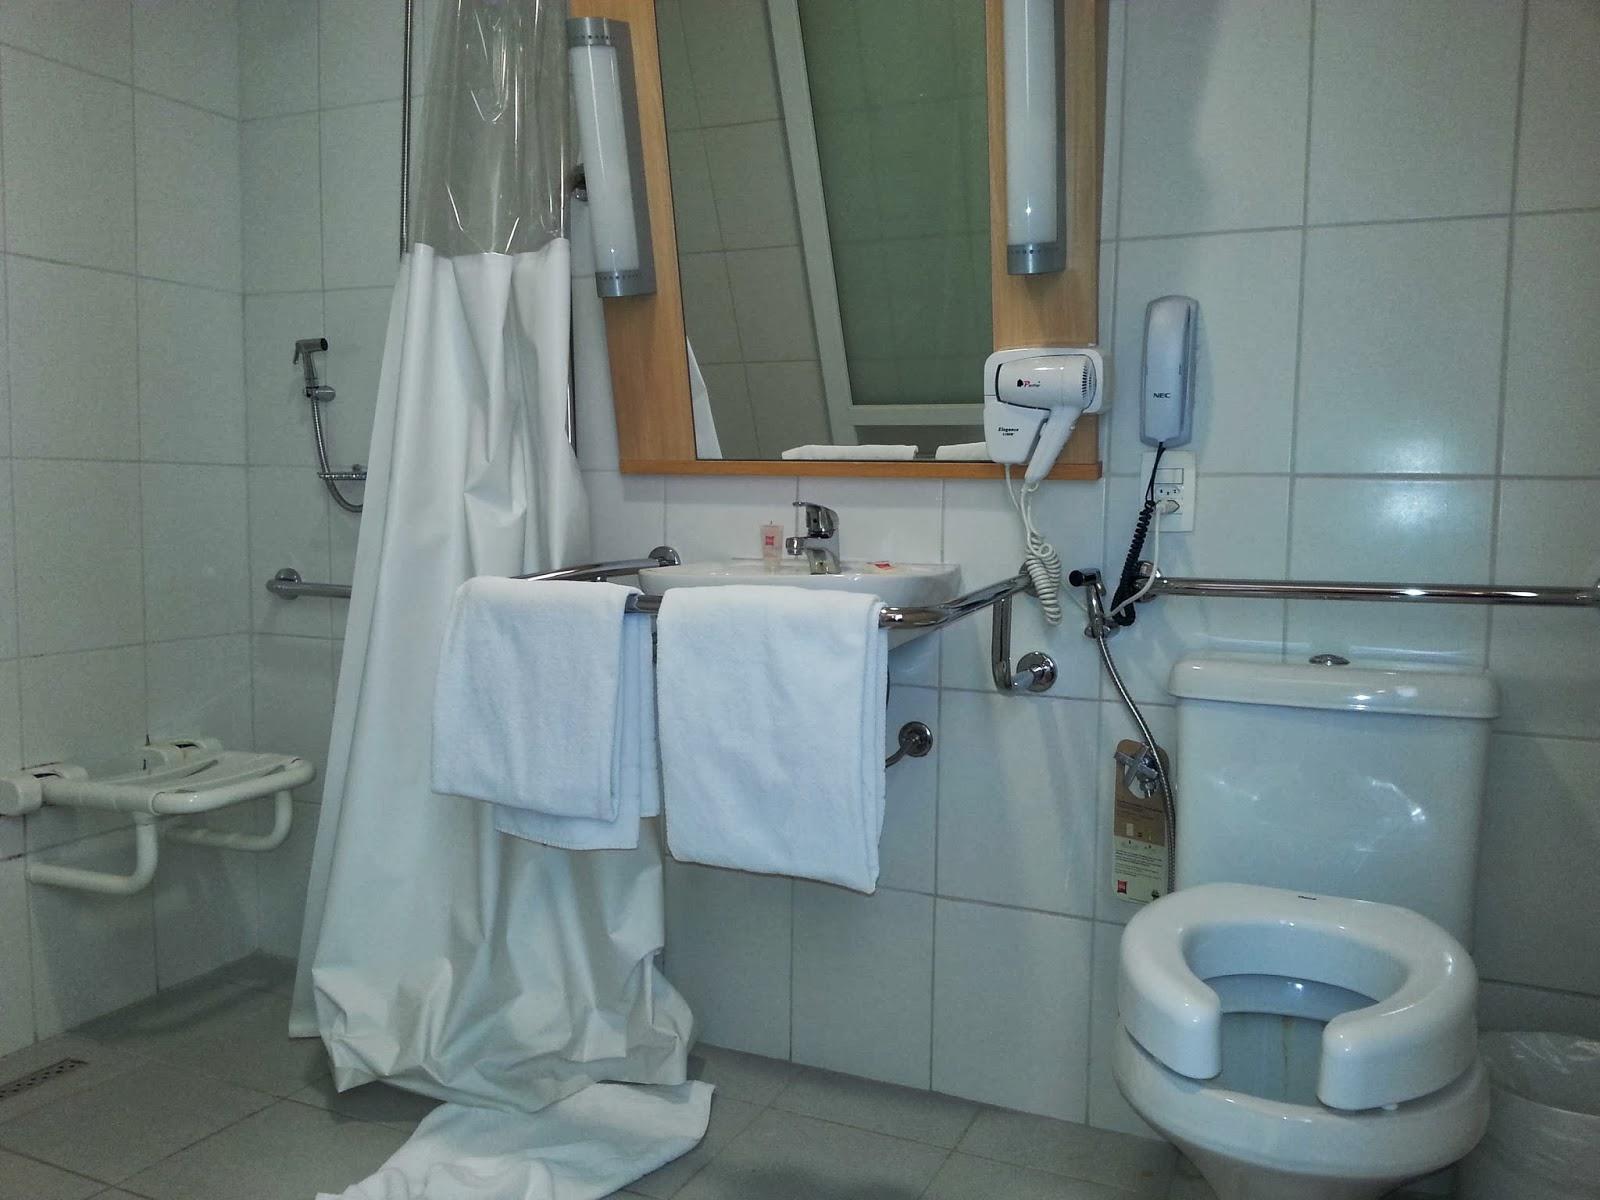 Banqueta de banho fixa cortina no box ducha monocomando espelho  #65503C 1600x1200 Banheiro Banho Cadeirante